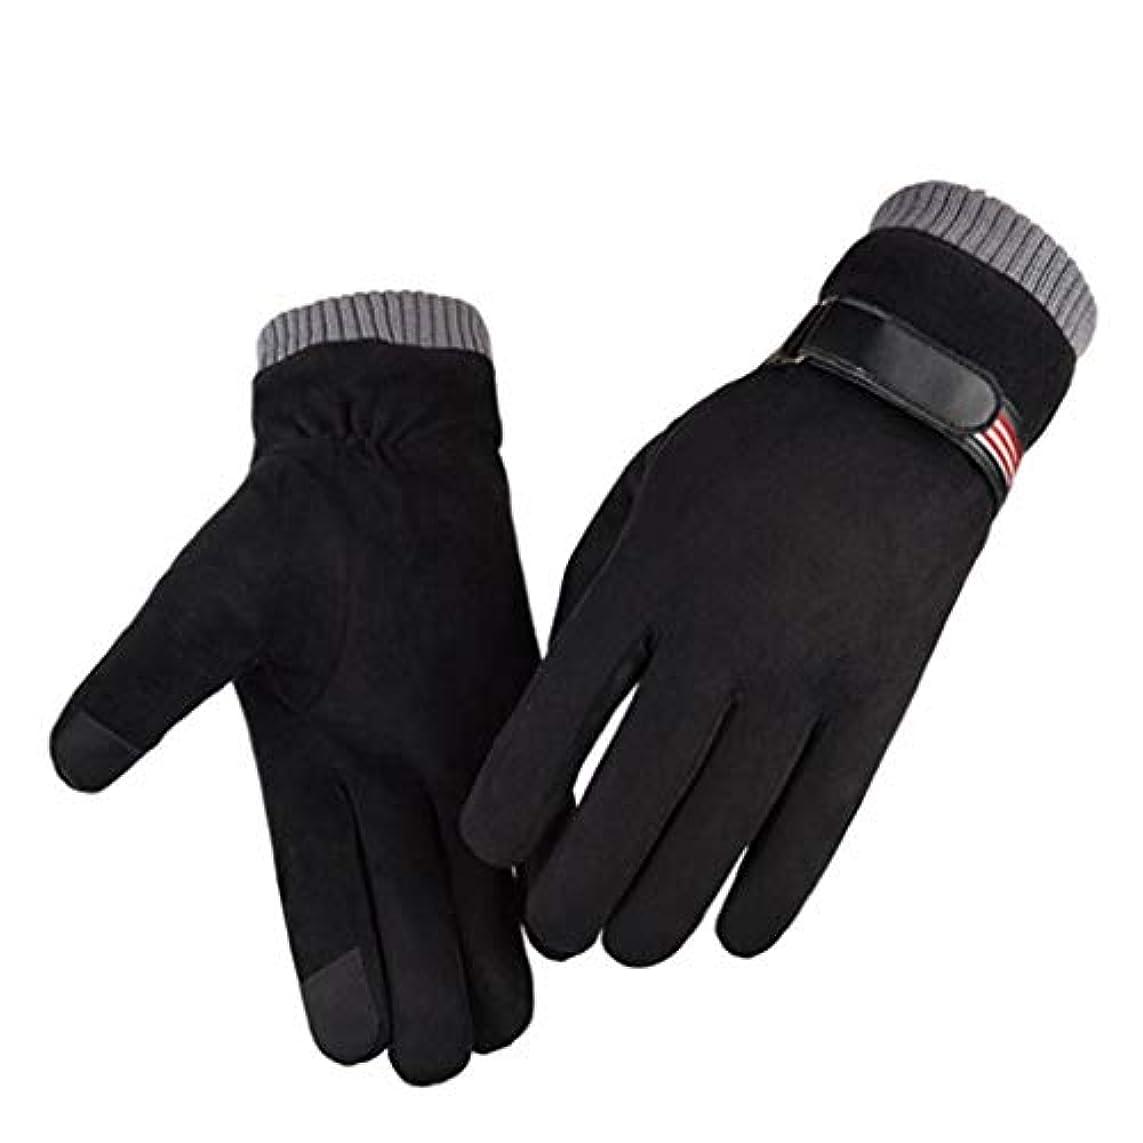 ステープル進行中休憩する革手袋男性の秋と冬のファッションプラスベルベット厚い暖かい防風コールドライドアンチスキッドタッチスクリーンスエード手袋の男性